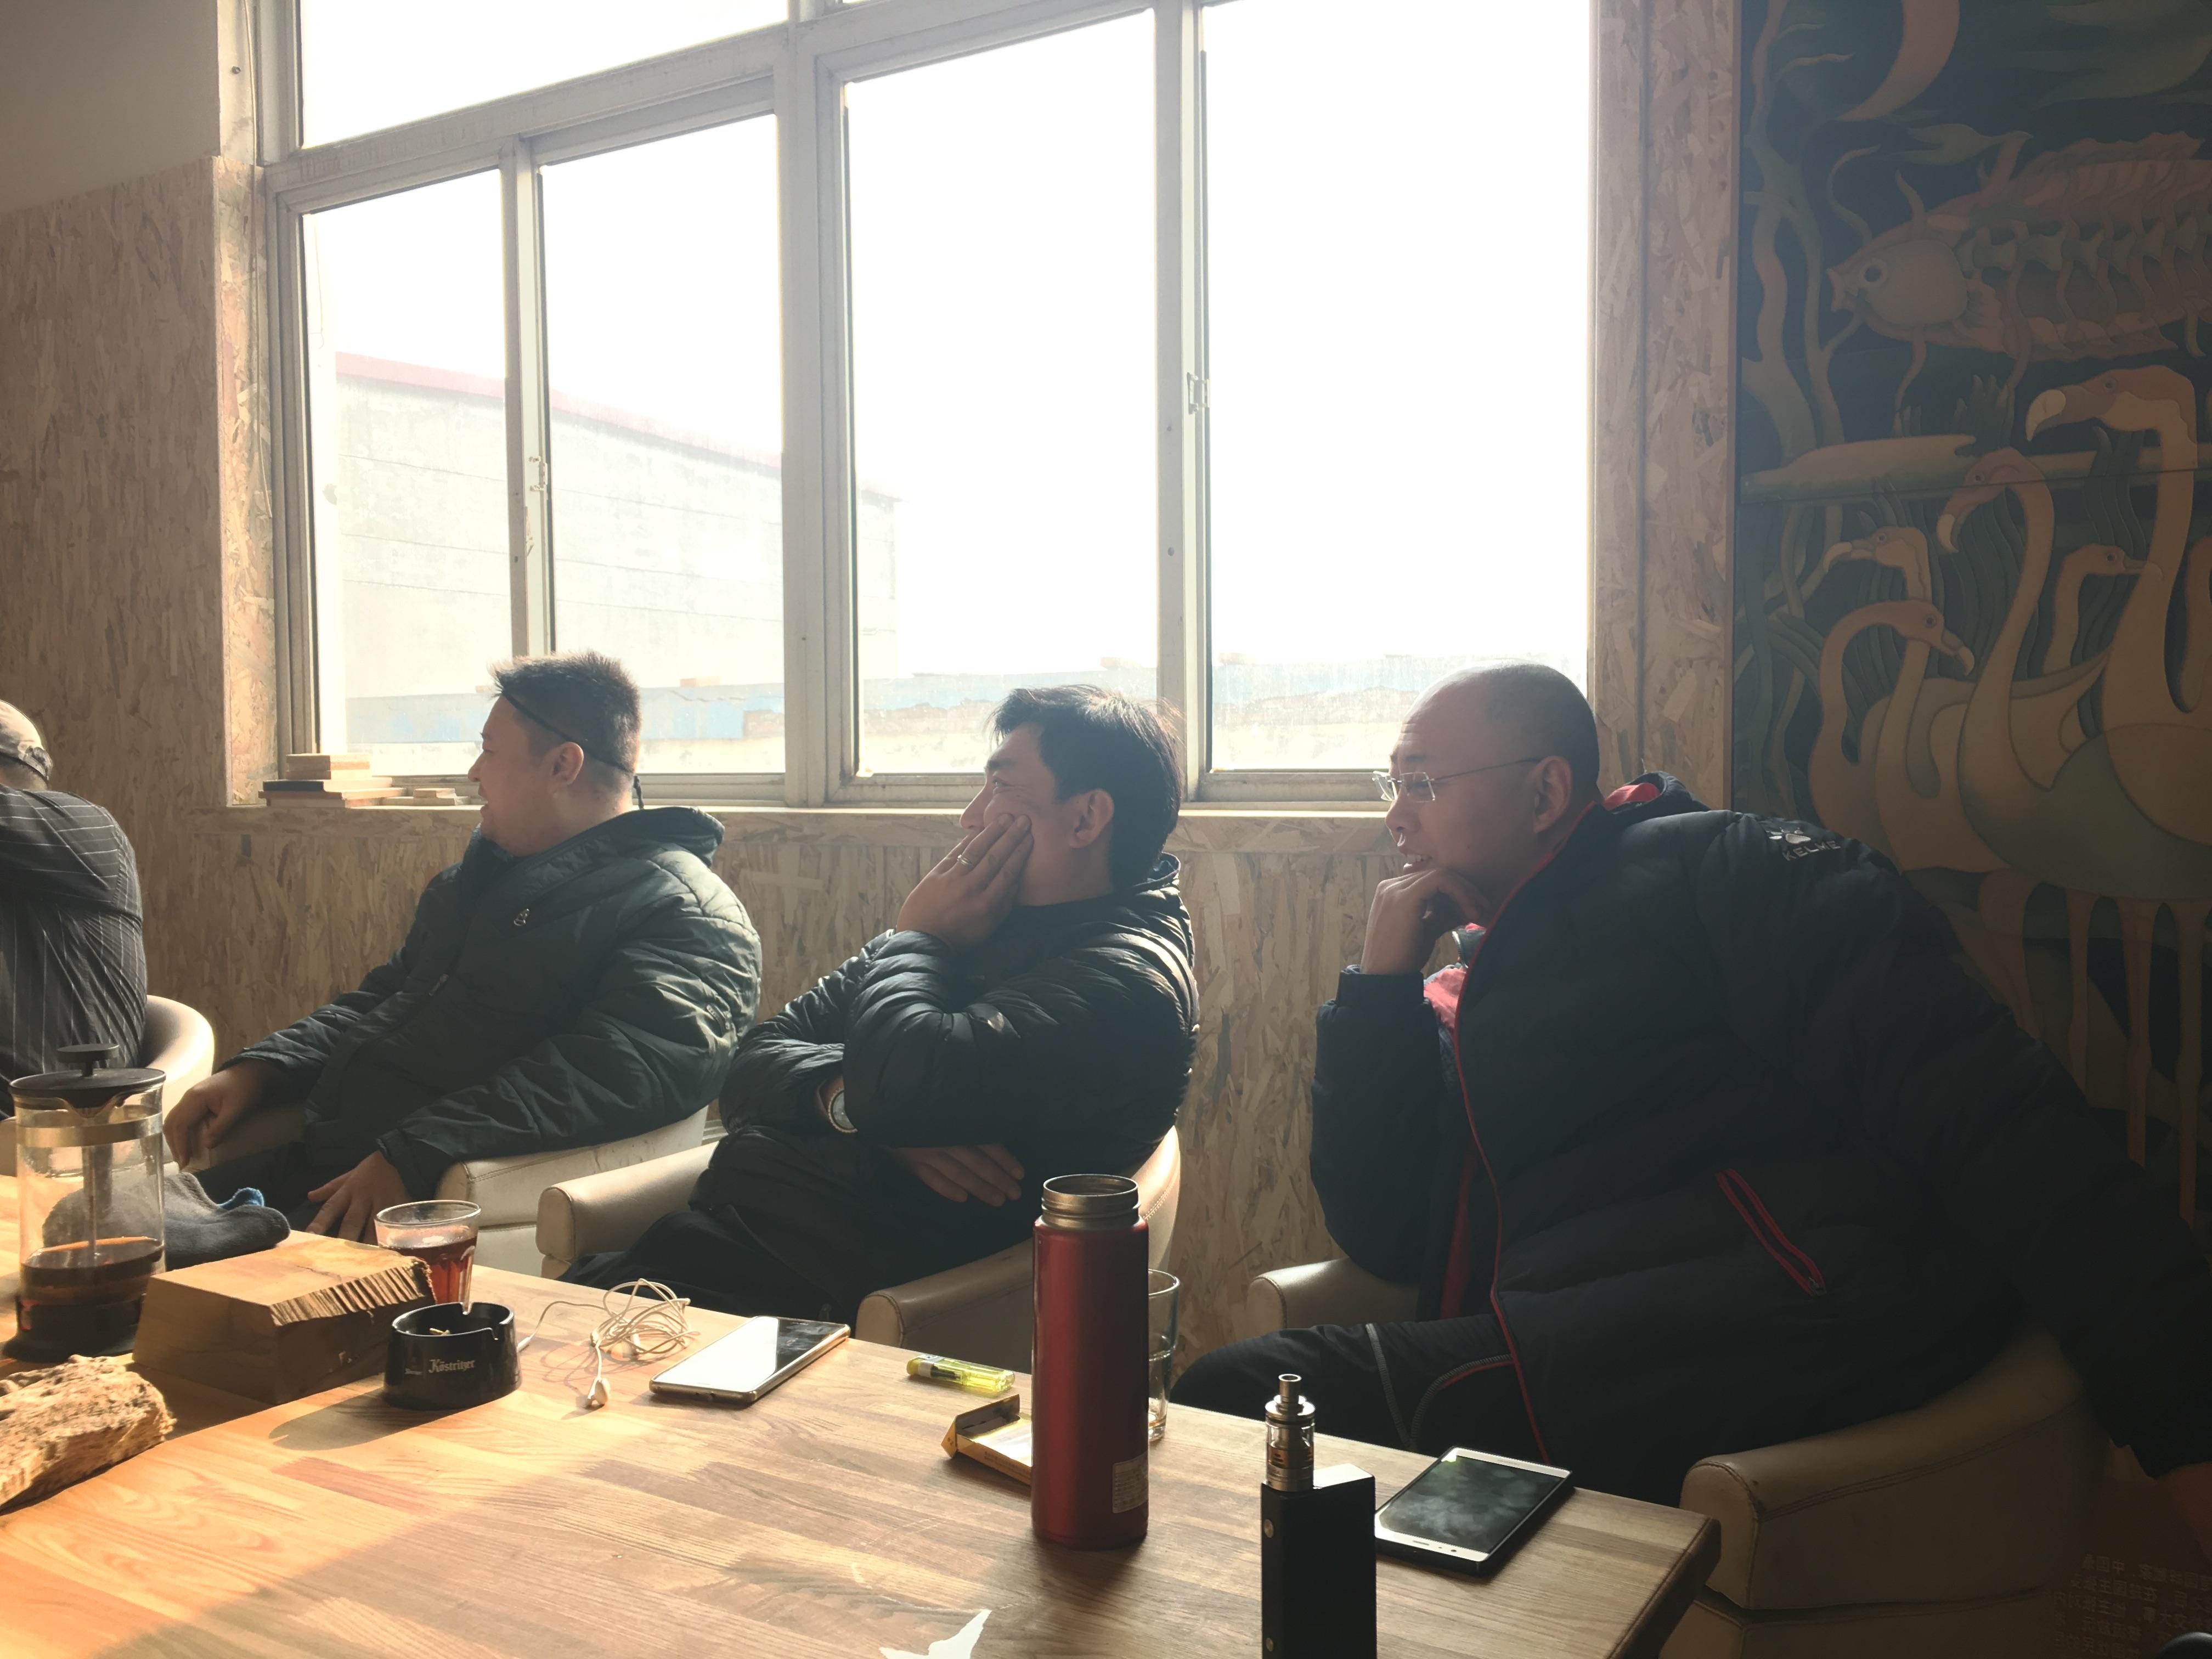 北京南站,高速公路,天津南站,天津市,原材料 天津Tr68帆船DIY建造项目正式落定 IMG_4111.JPG